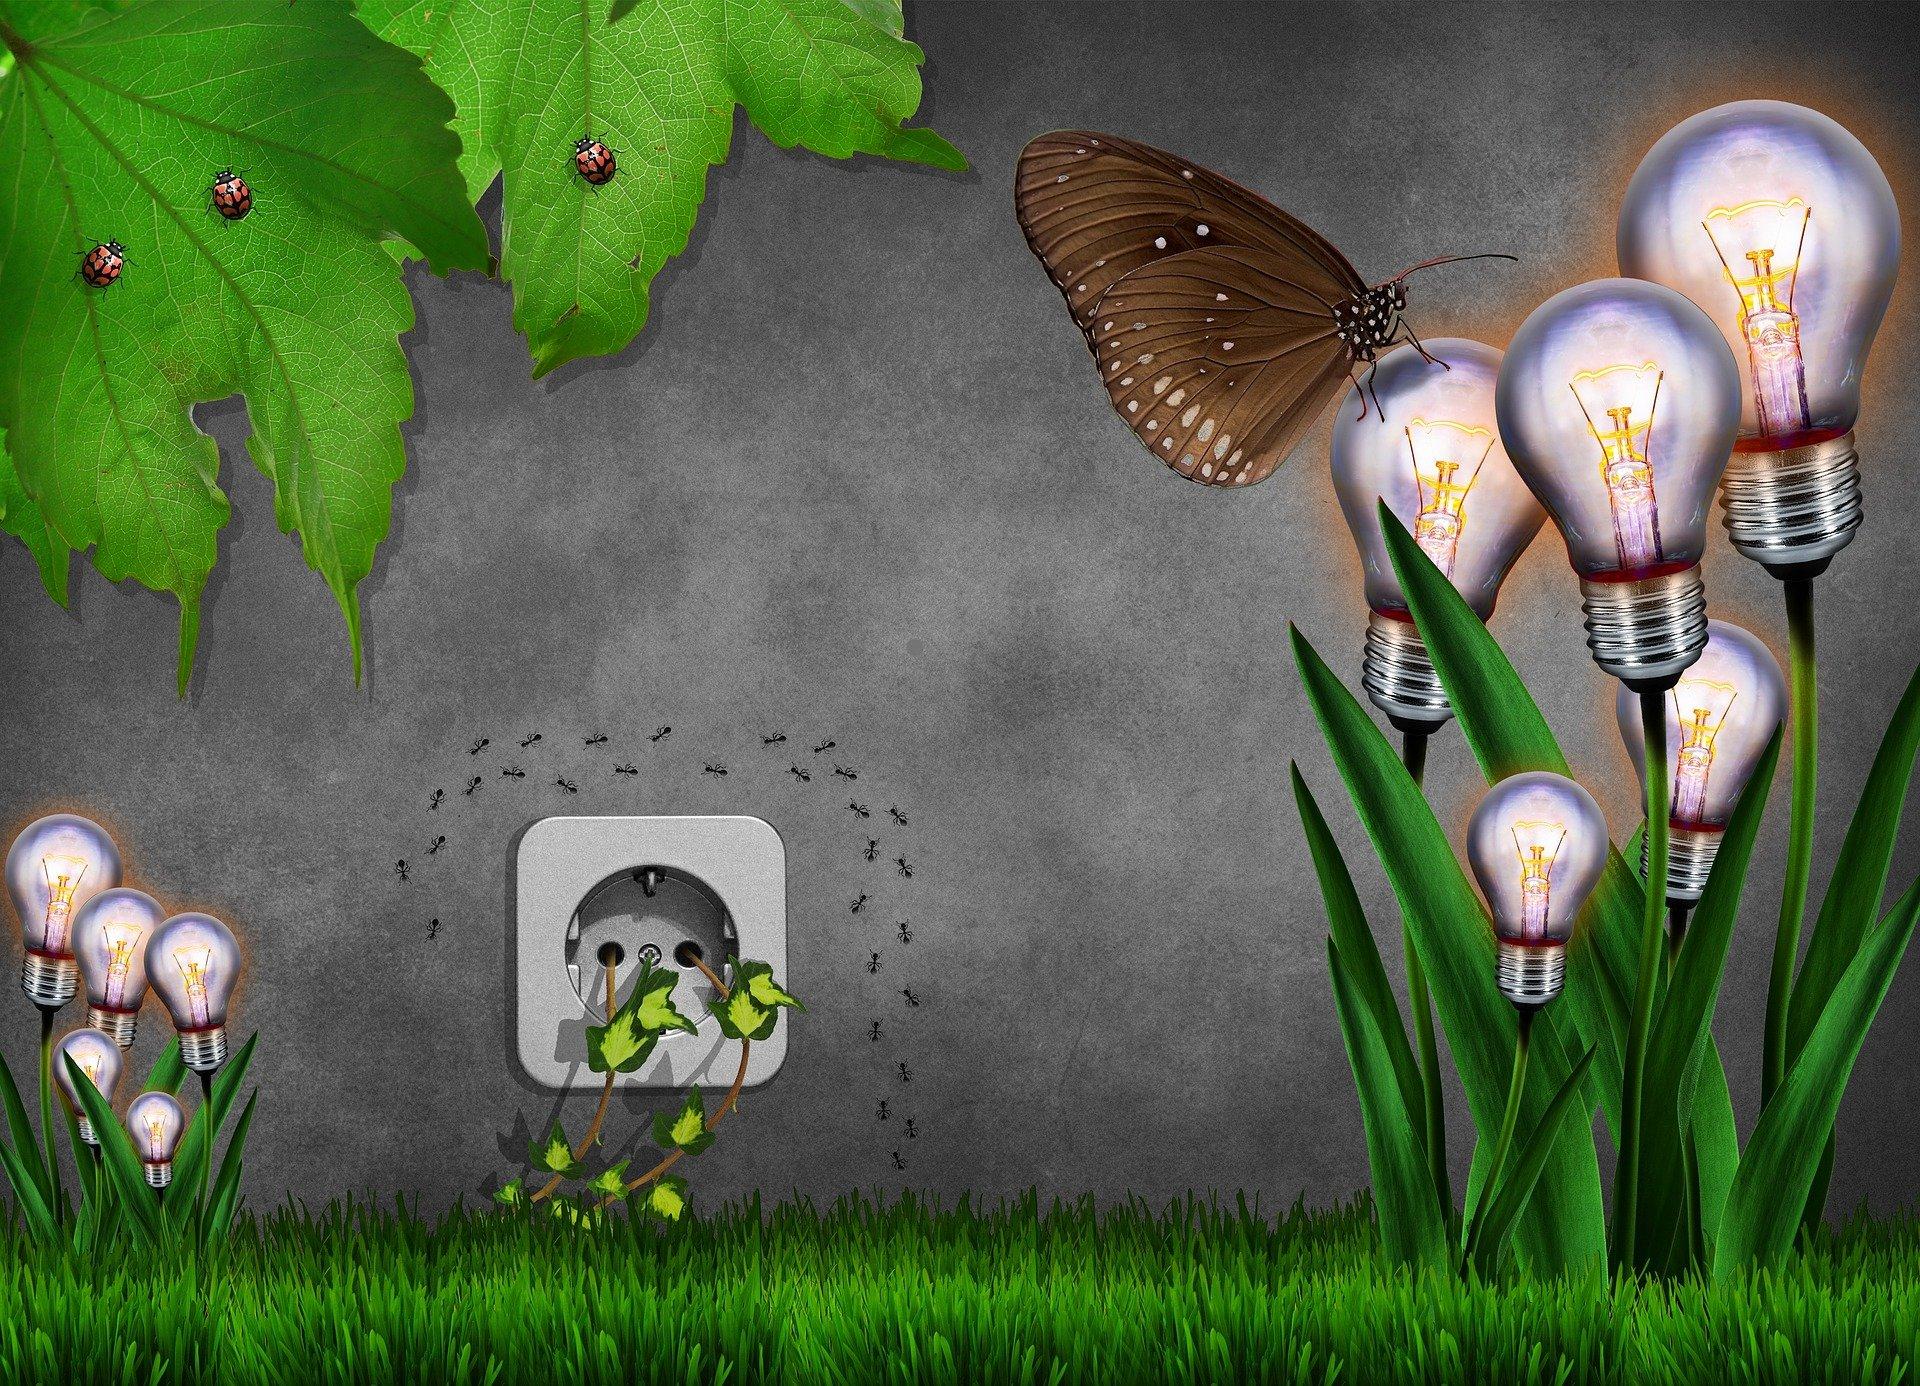 Meio ambiente: ideias para aprimorar ações